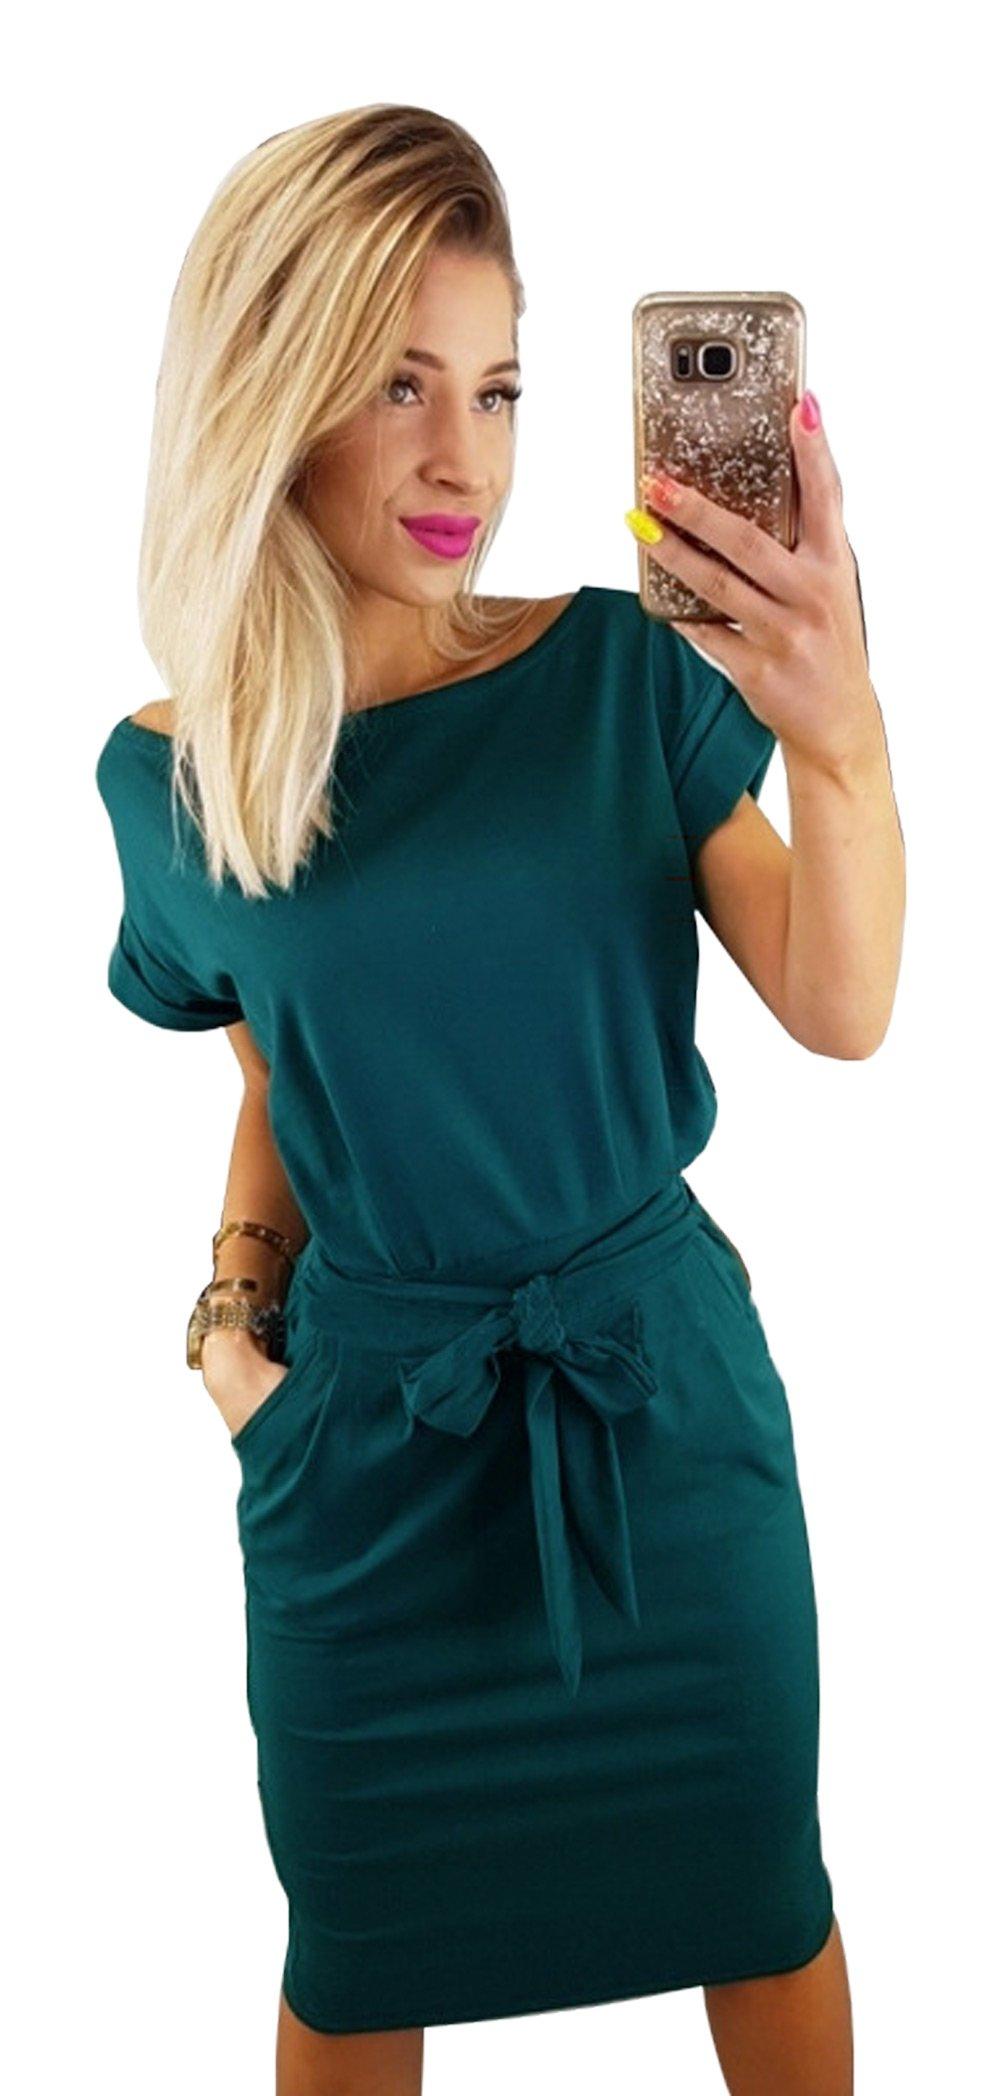 Longwu Women's Elegant Short Sleeve Wear to Work Casual Pencil Dress with Belt Dark Green-S